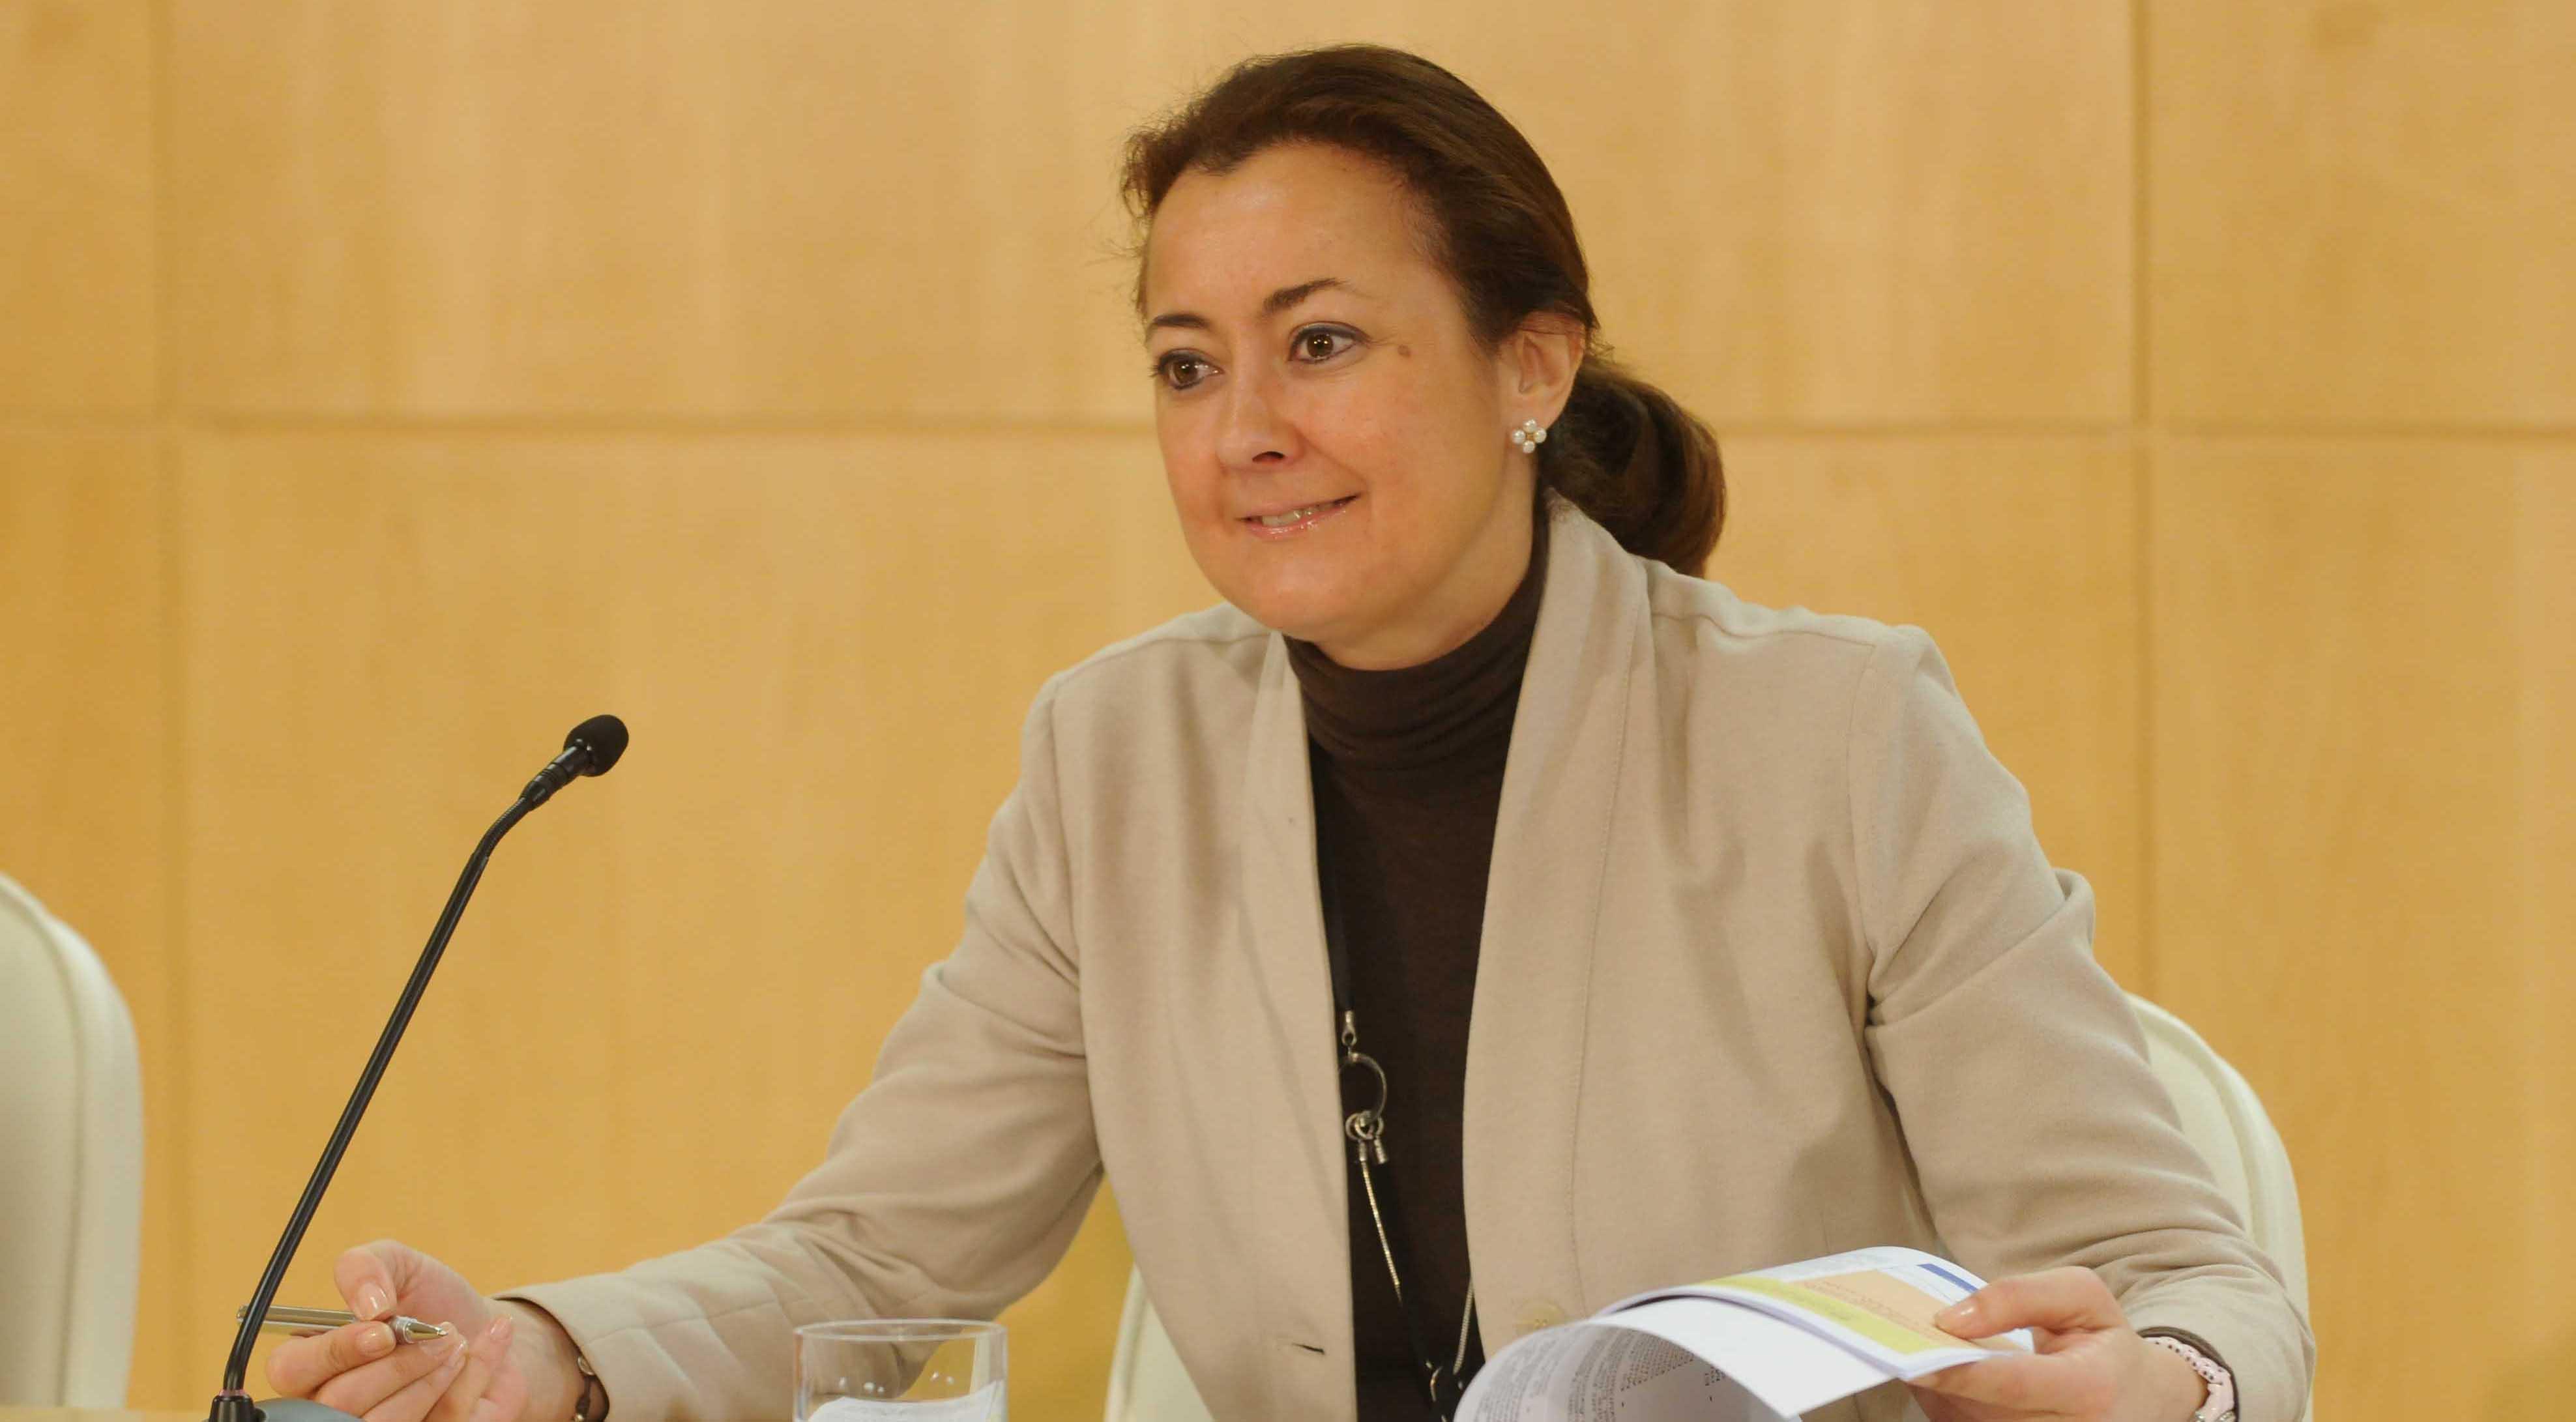 La delegada de Familia, Servicios Sociales y Participación Ciudadana, Dolores Navarro, presenta en rueda de prensa el Primer Plan de Inclusión Social para Personas con Discapacidad